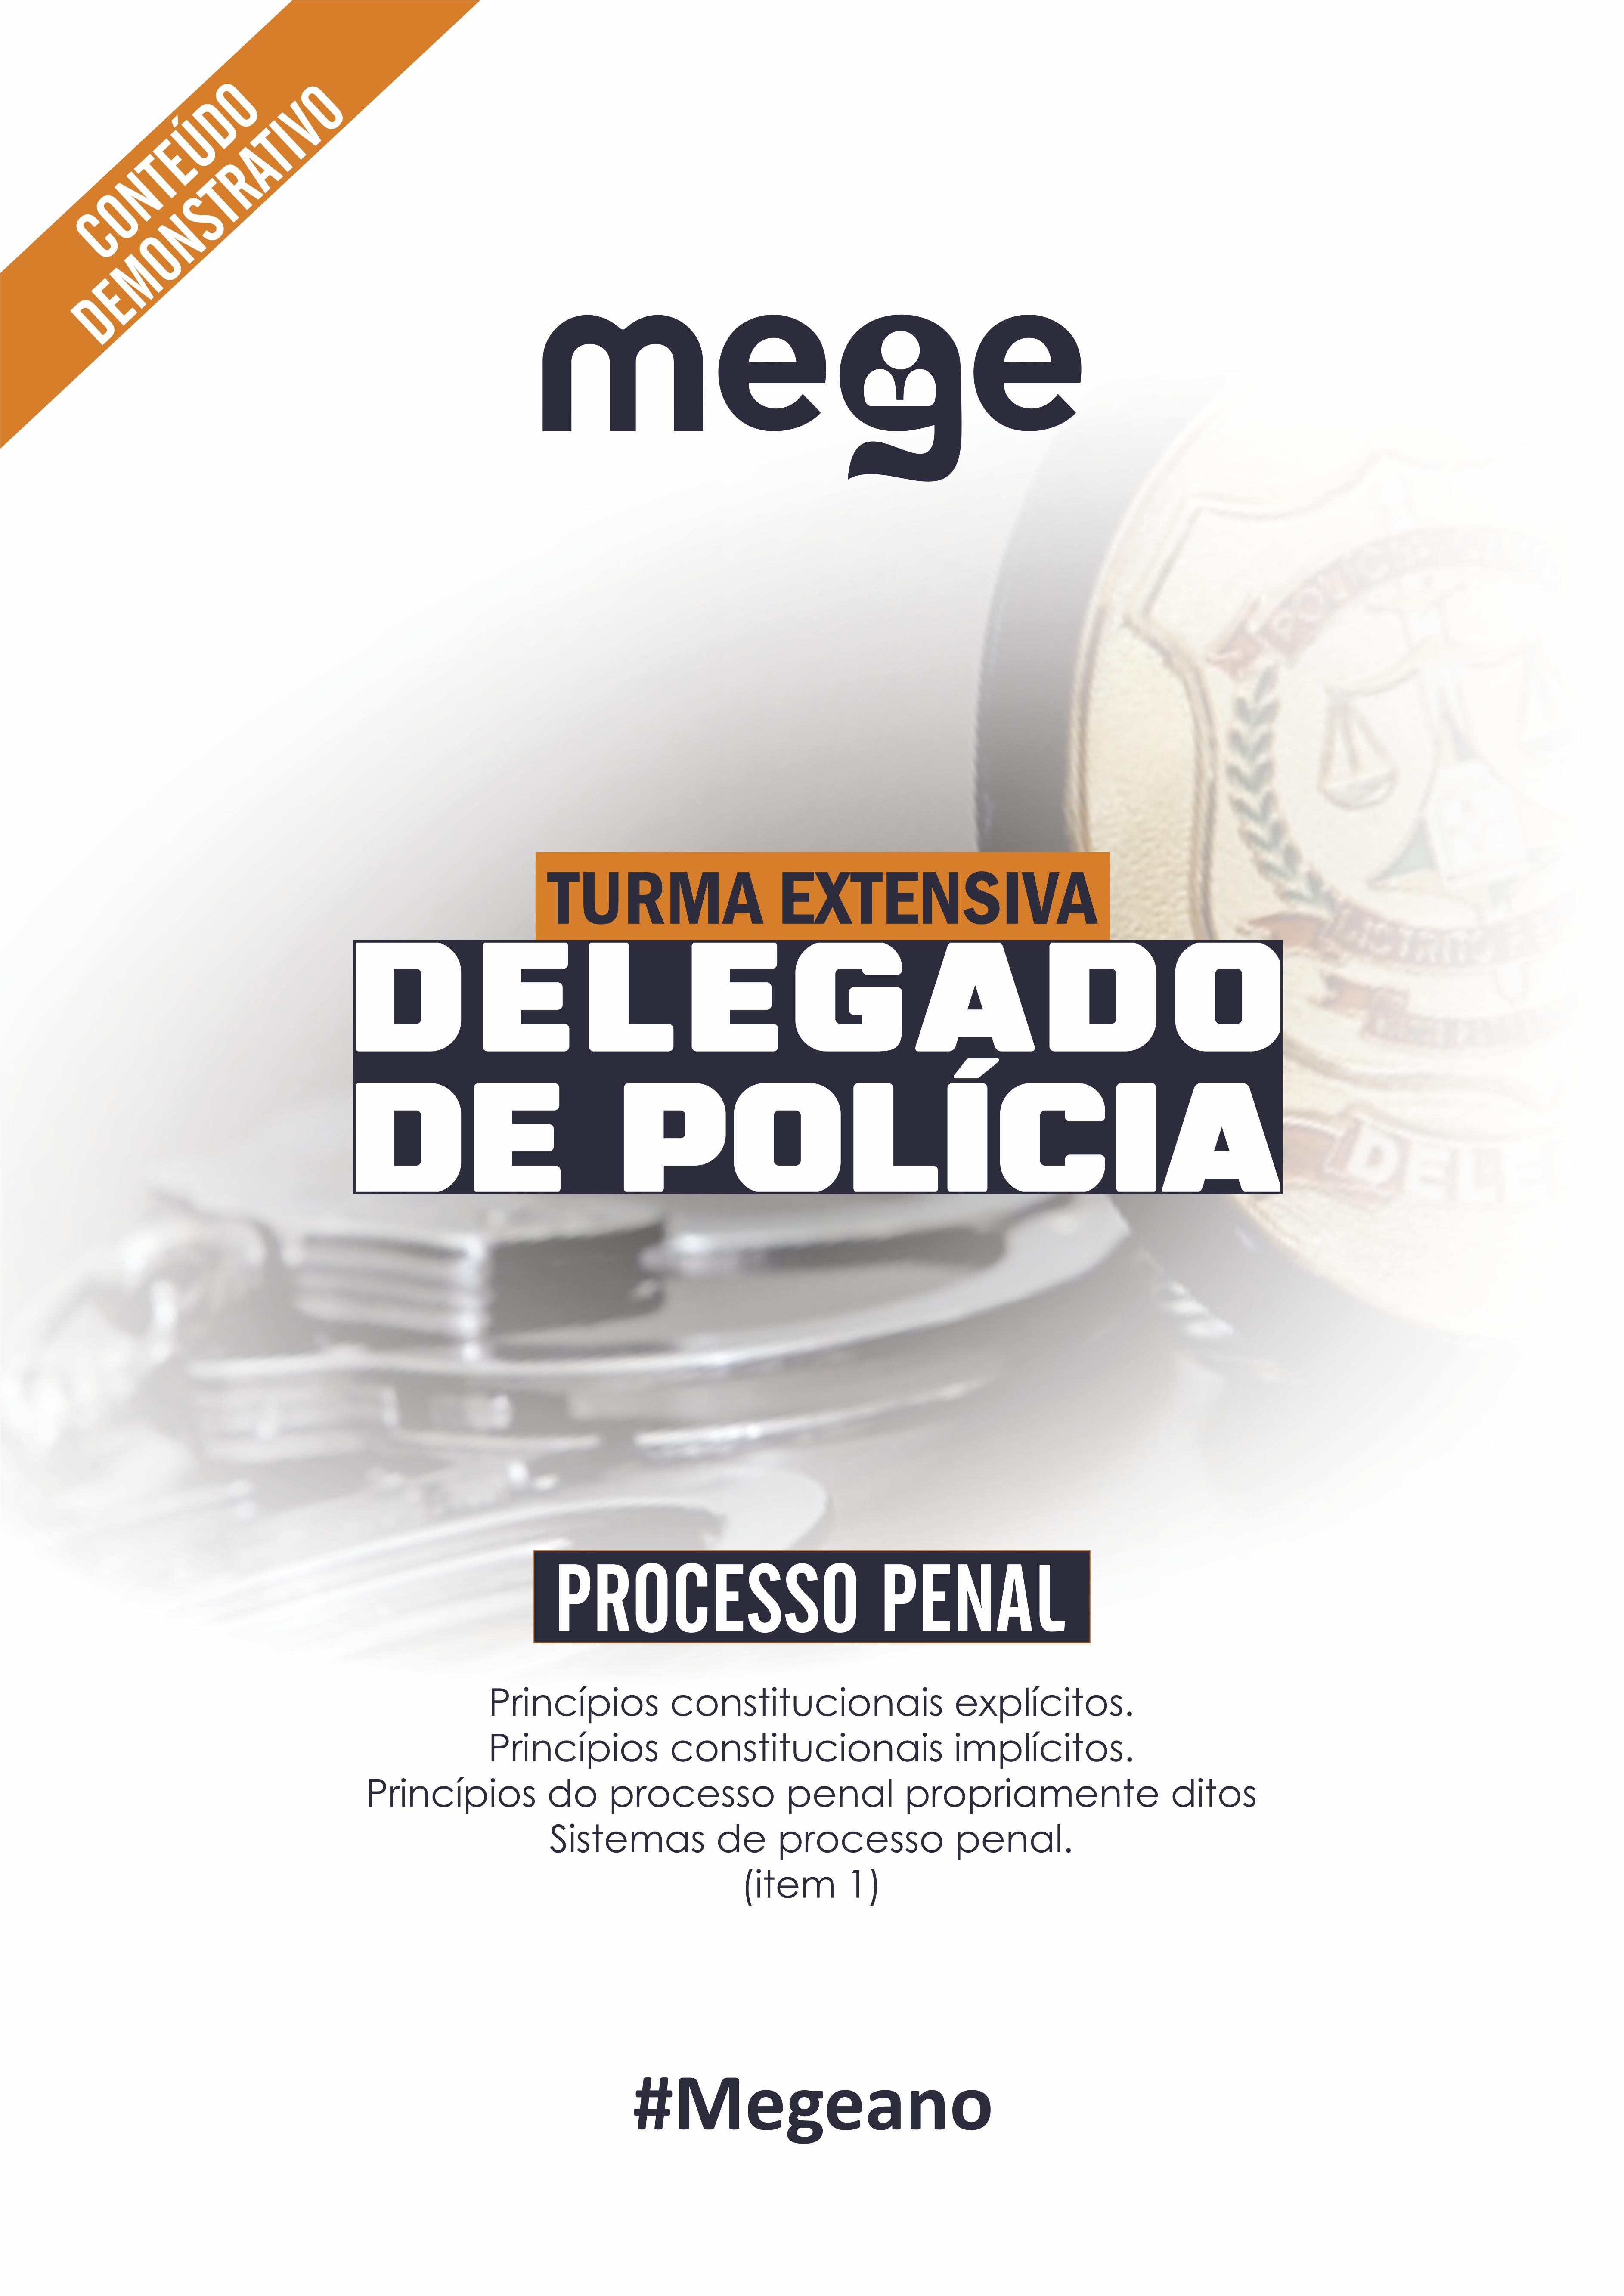 O presente material demonstrativo apresenta um dos pontos do Edital Mege para Delegado de Polícia Civil (2ª Turma Extensiva). Esperamos que goste da leitura selecionada em processo penal. Clique na imagem para fazer o download.